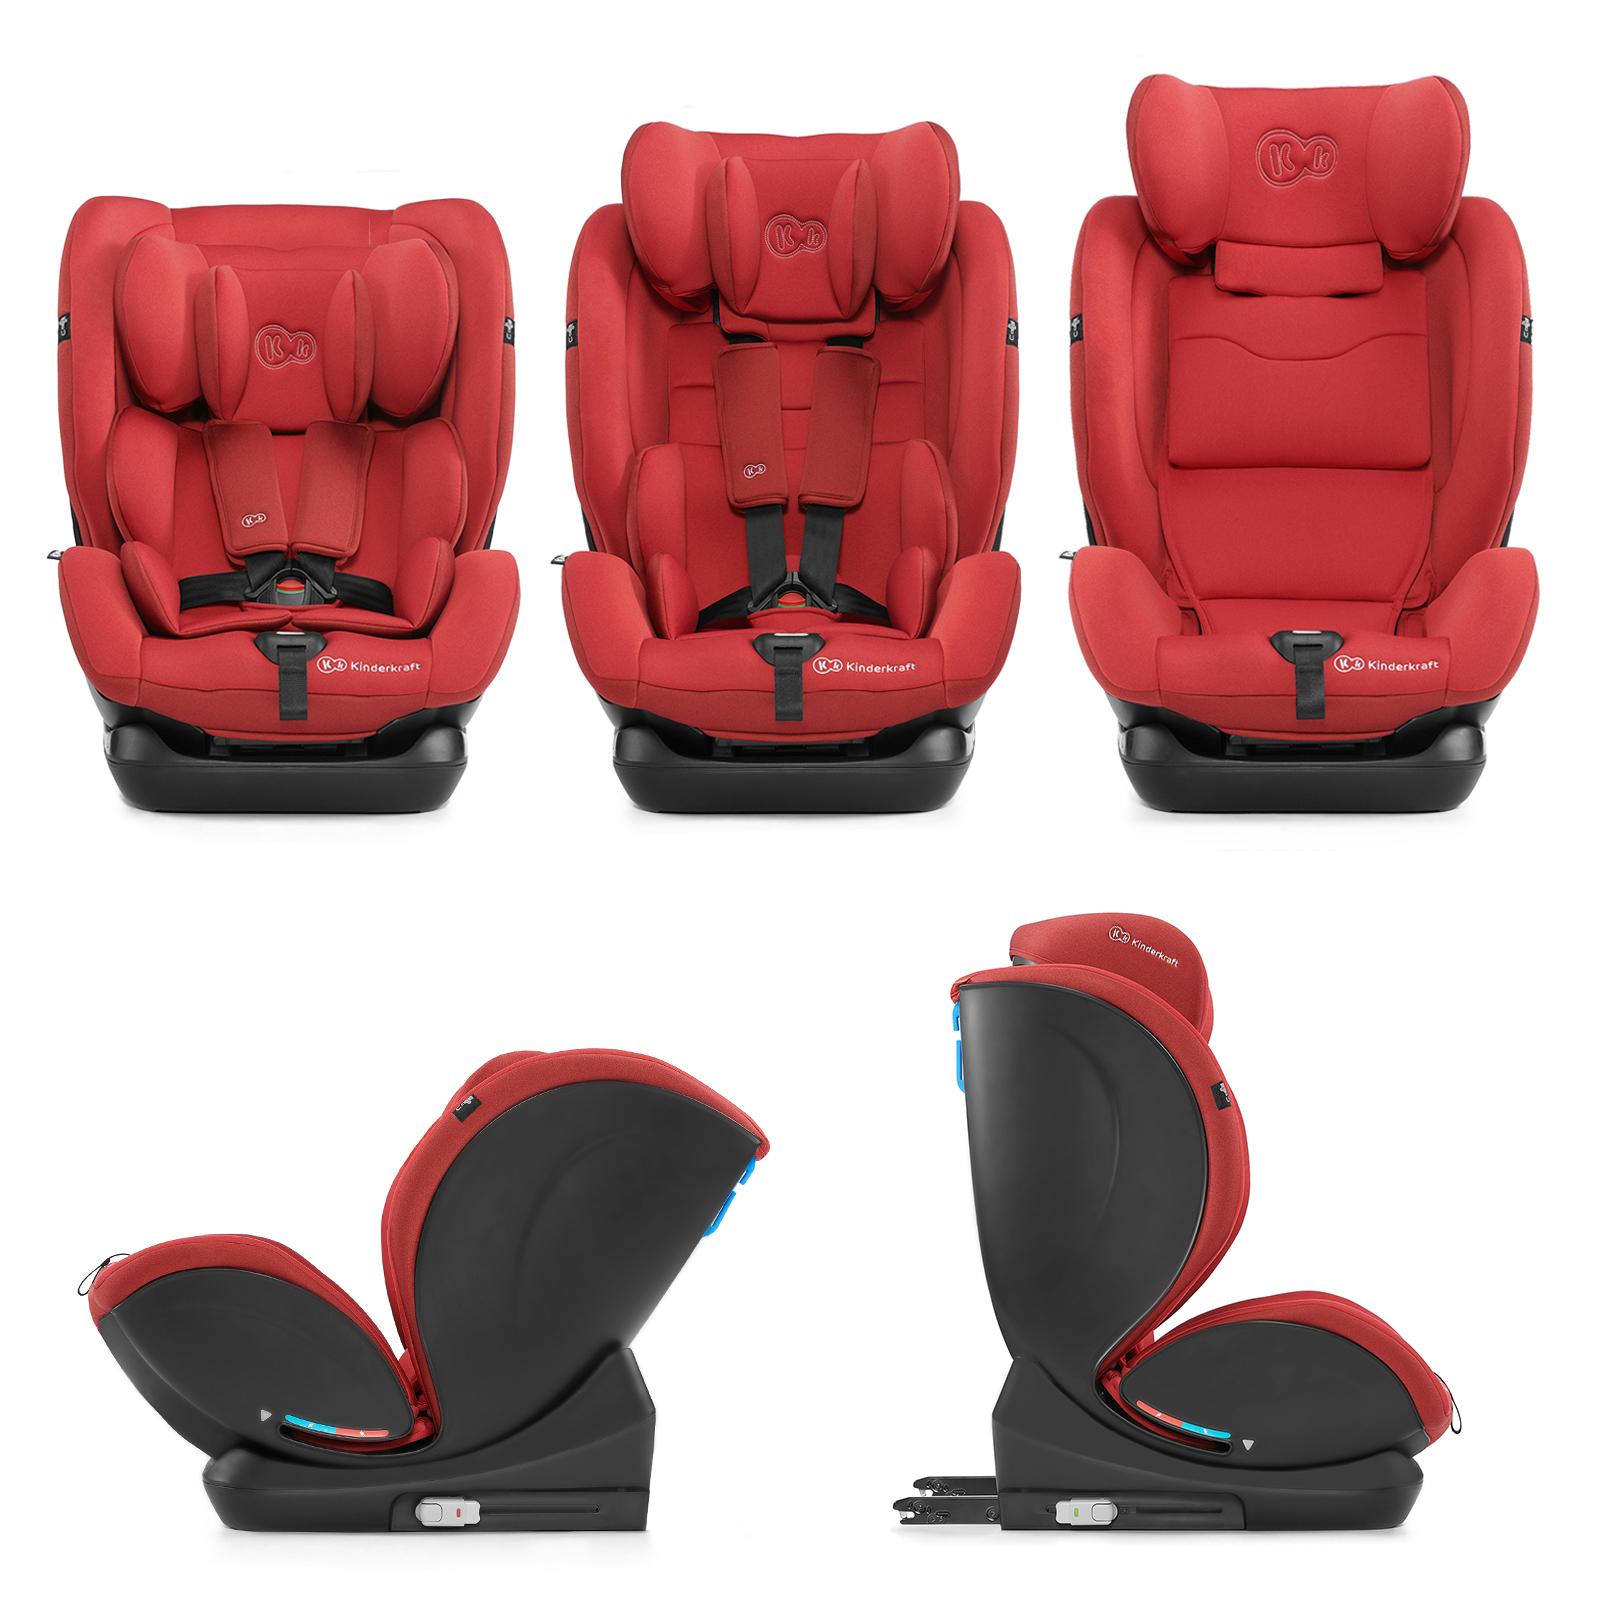 Autosedačka MyWay Isofix red 0-36kg Kinderkraft 2020